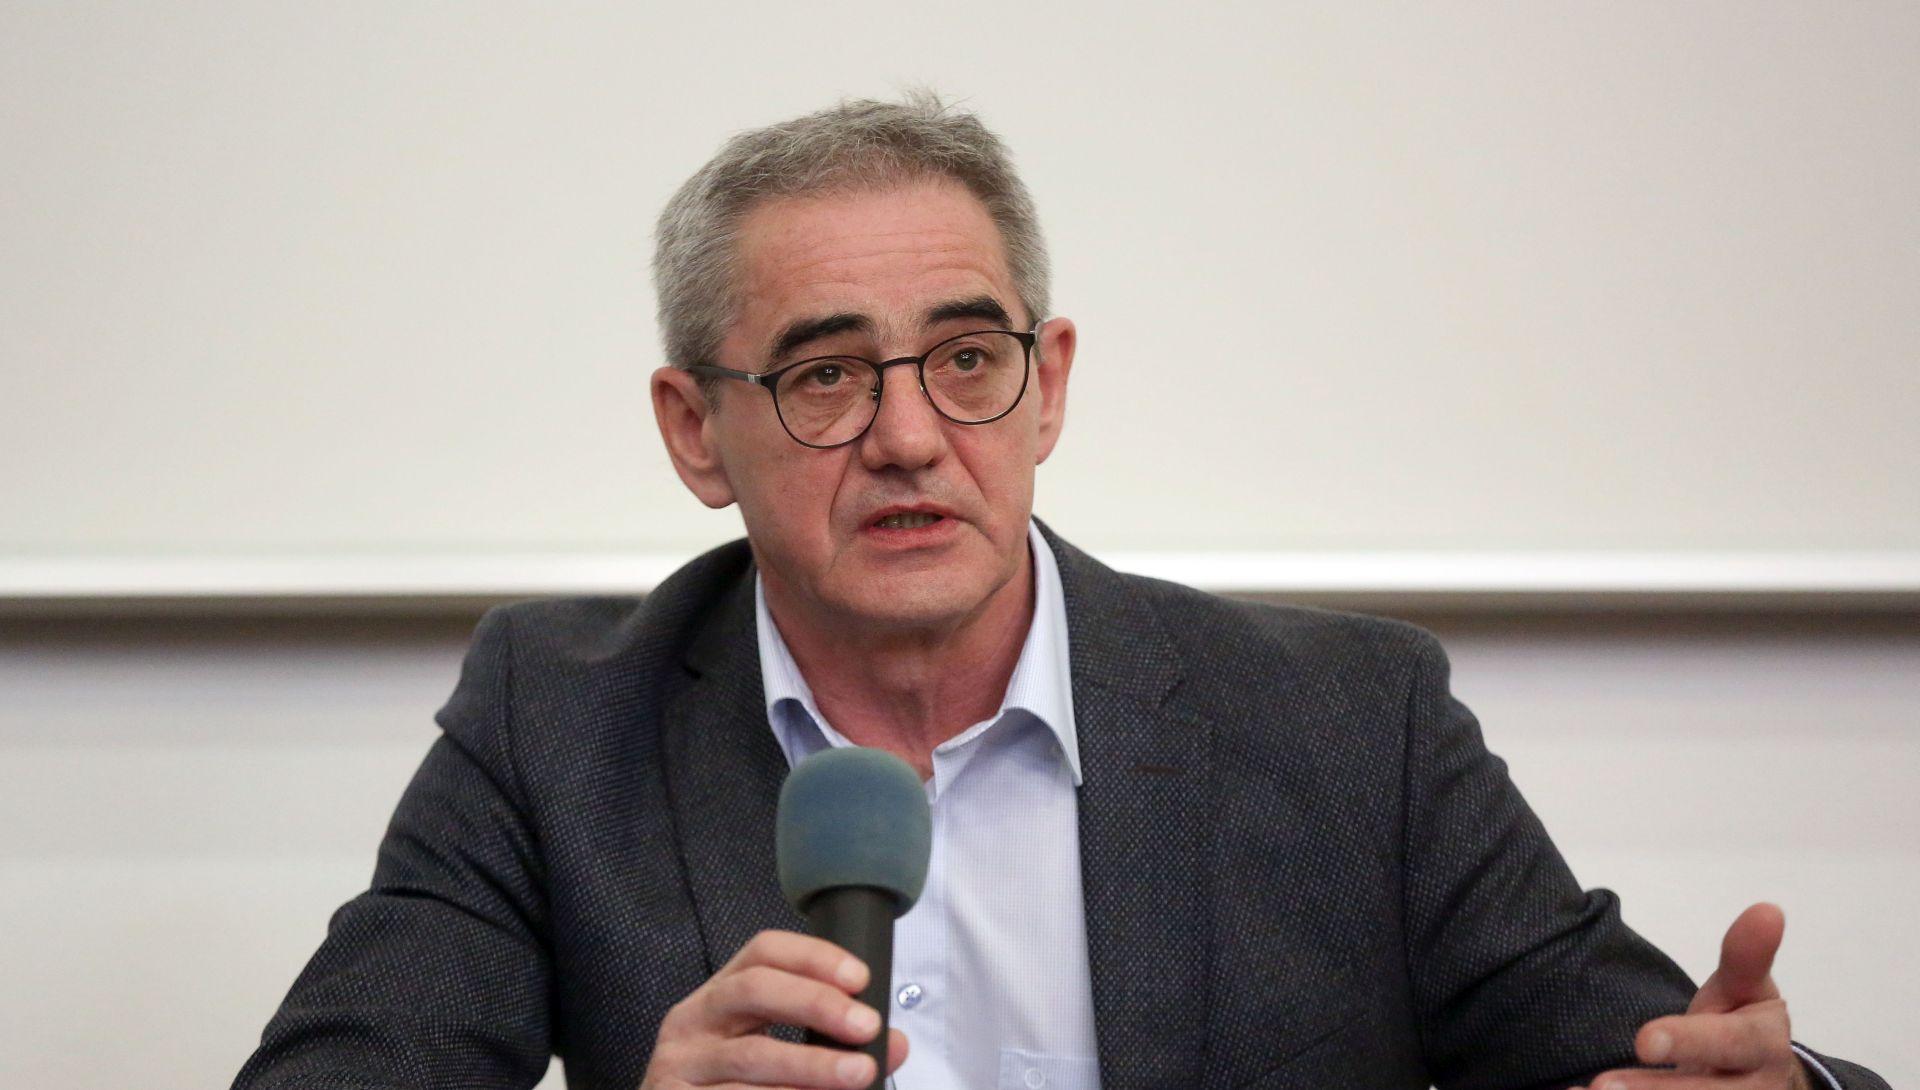 'Neću se više kandidirati za rektora, Sveučilište mora biti prisutno u društvu'